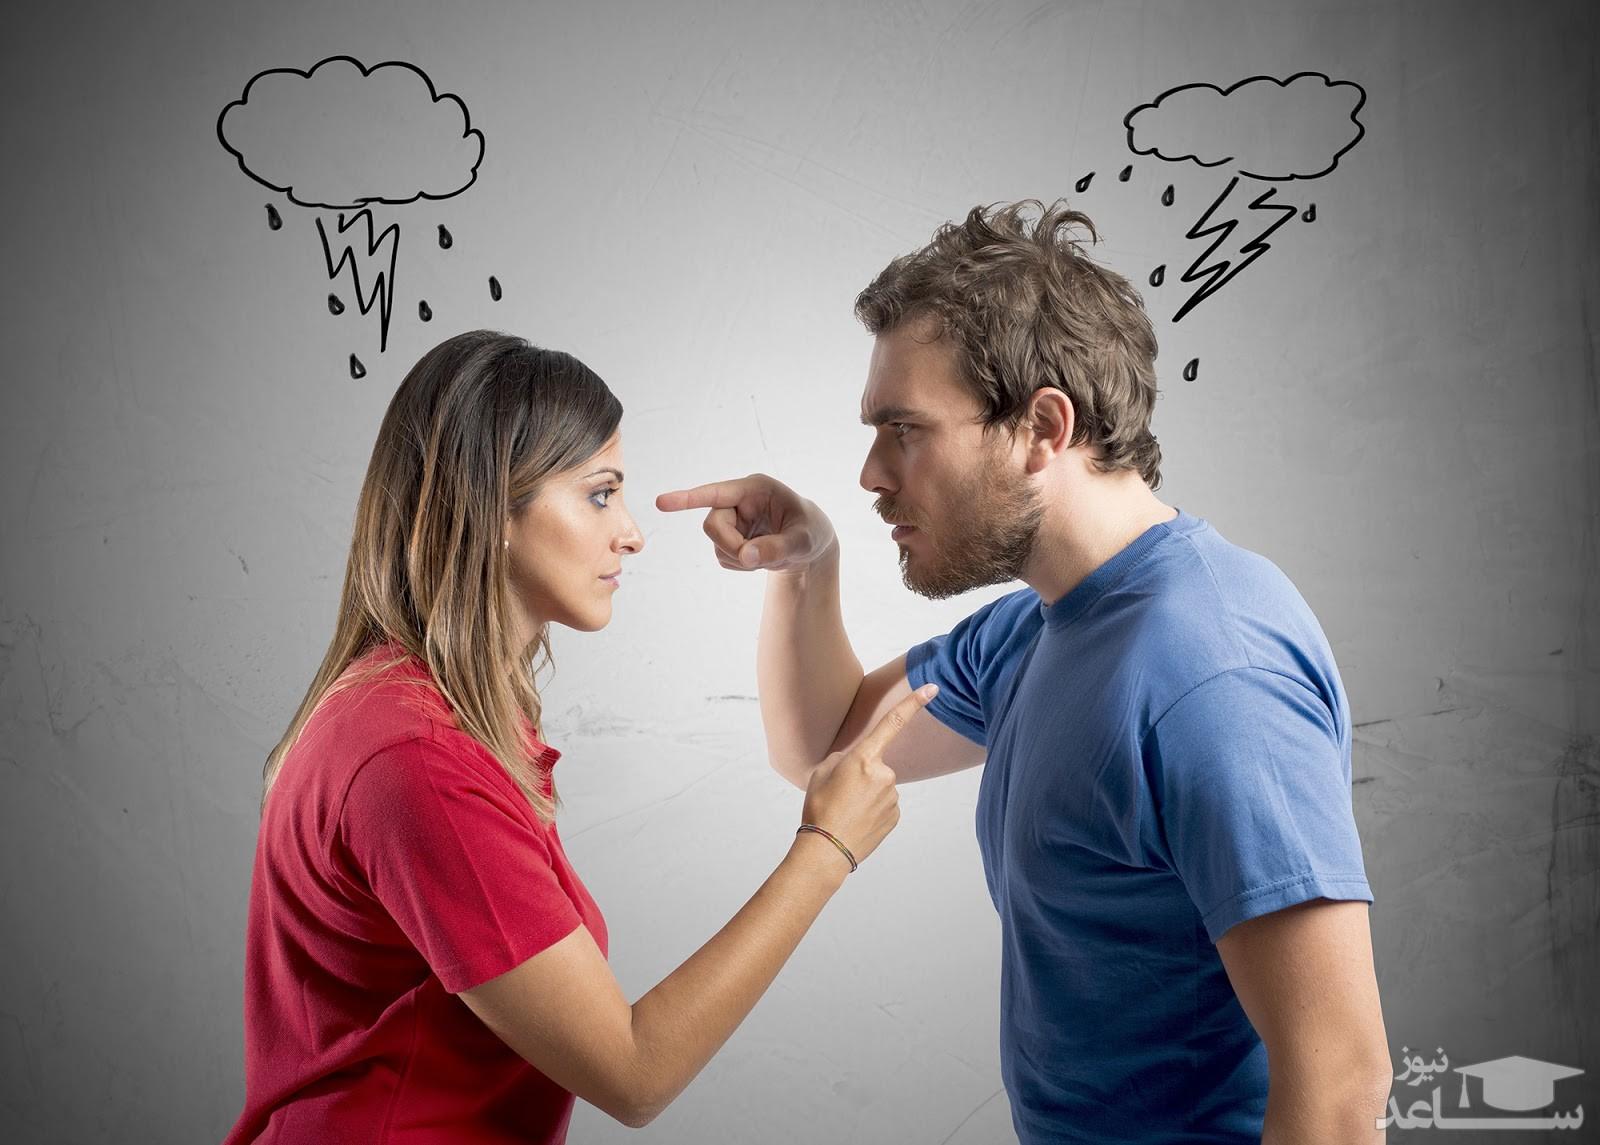 با همسر خود چگونه به تفاهم برسیم؟